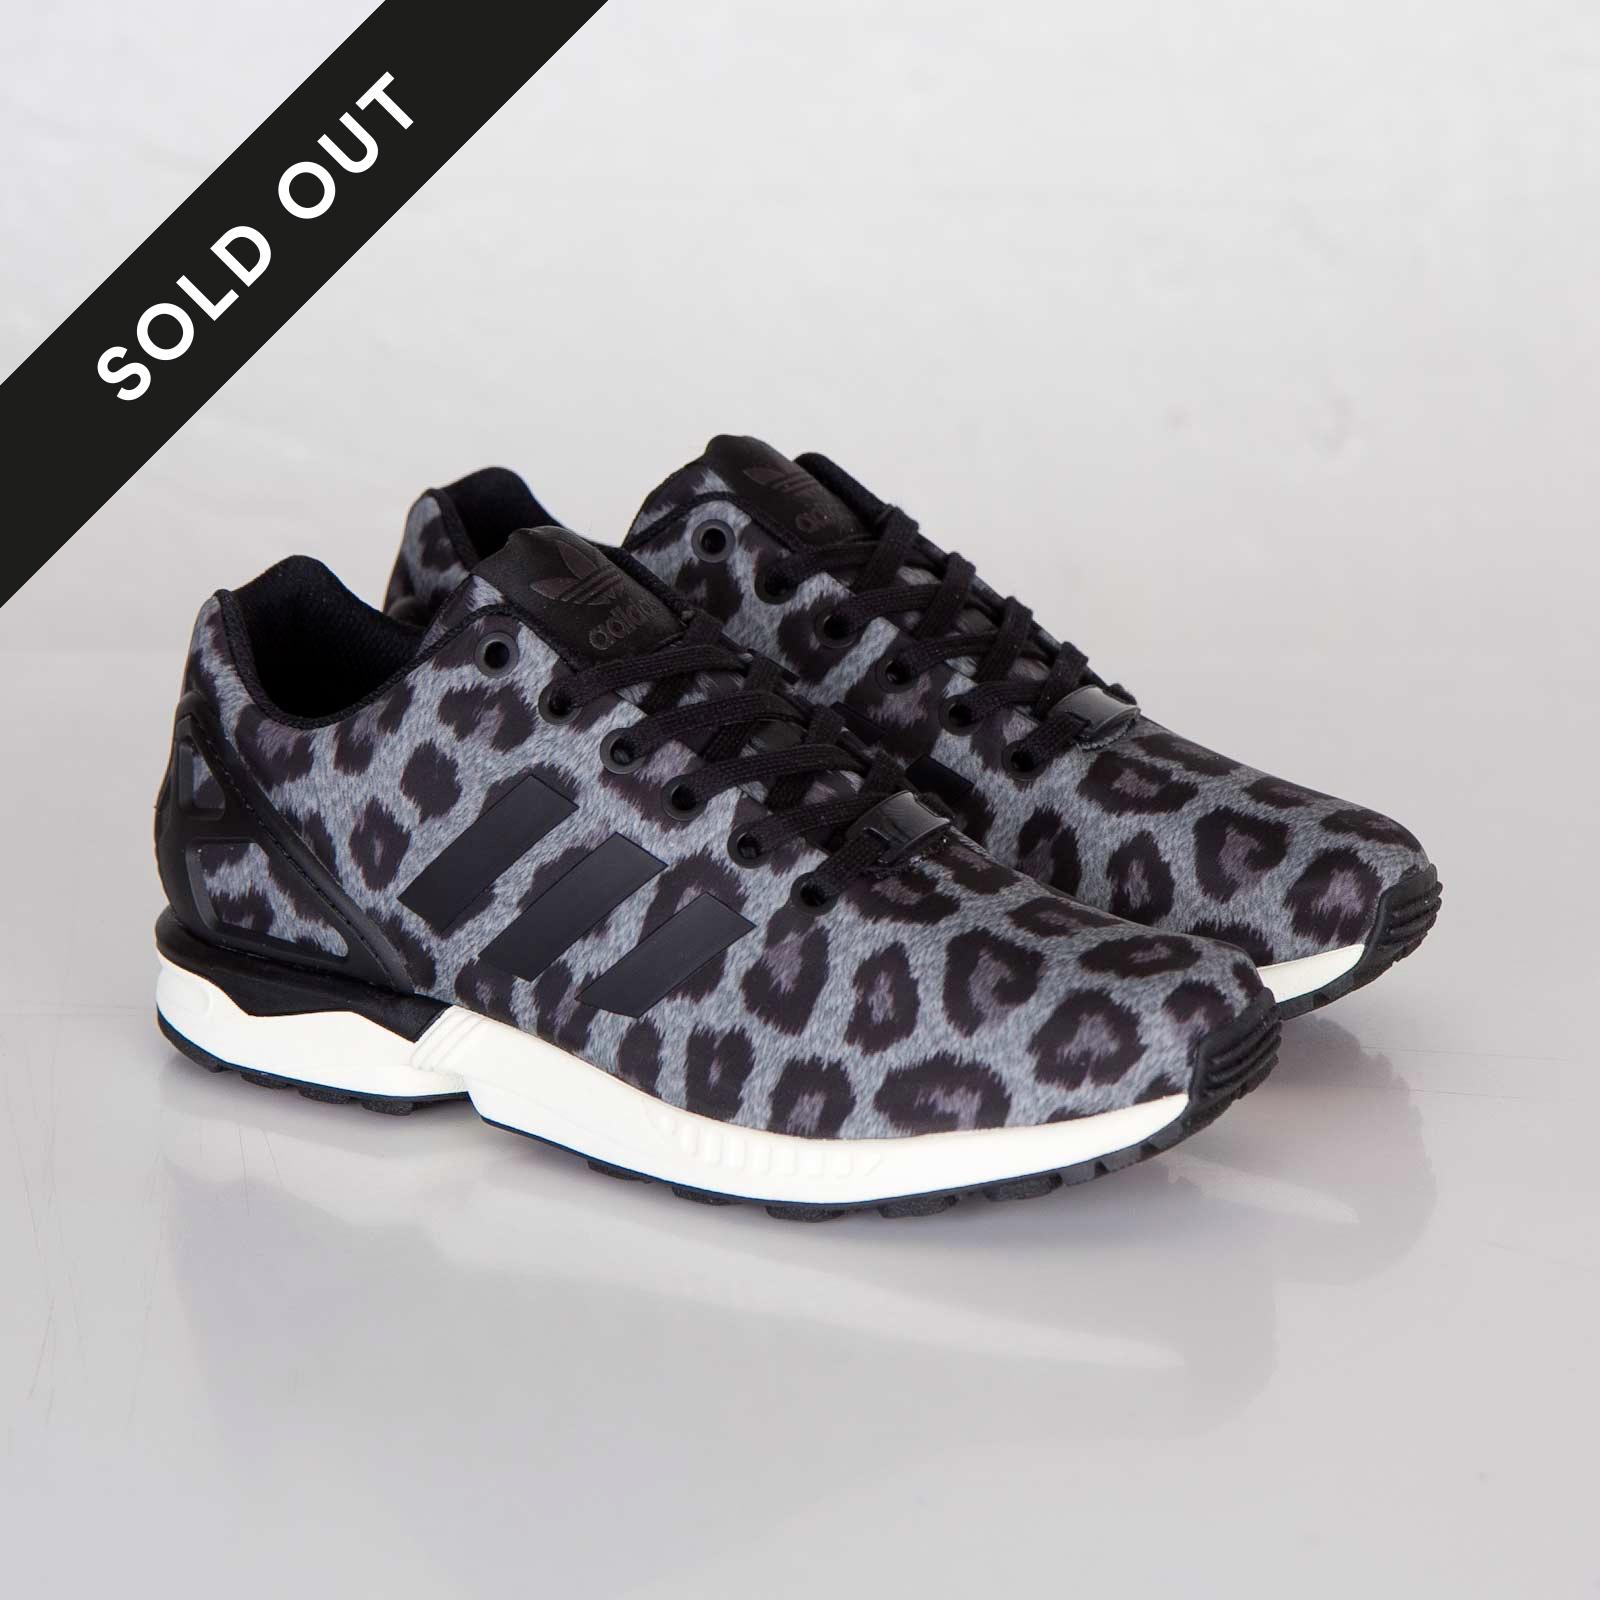 best sneakers 046e6 95702 adidas ZX Flux - Snow Leopard - M21667 - Sneakersnstuff   sneakers    streetwear online since 1999